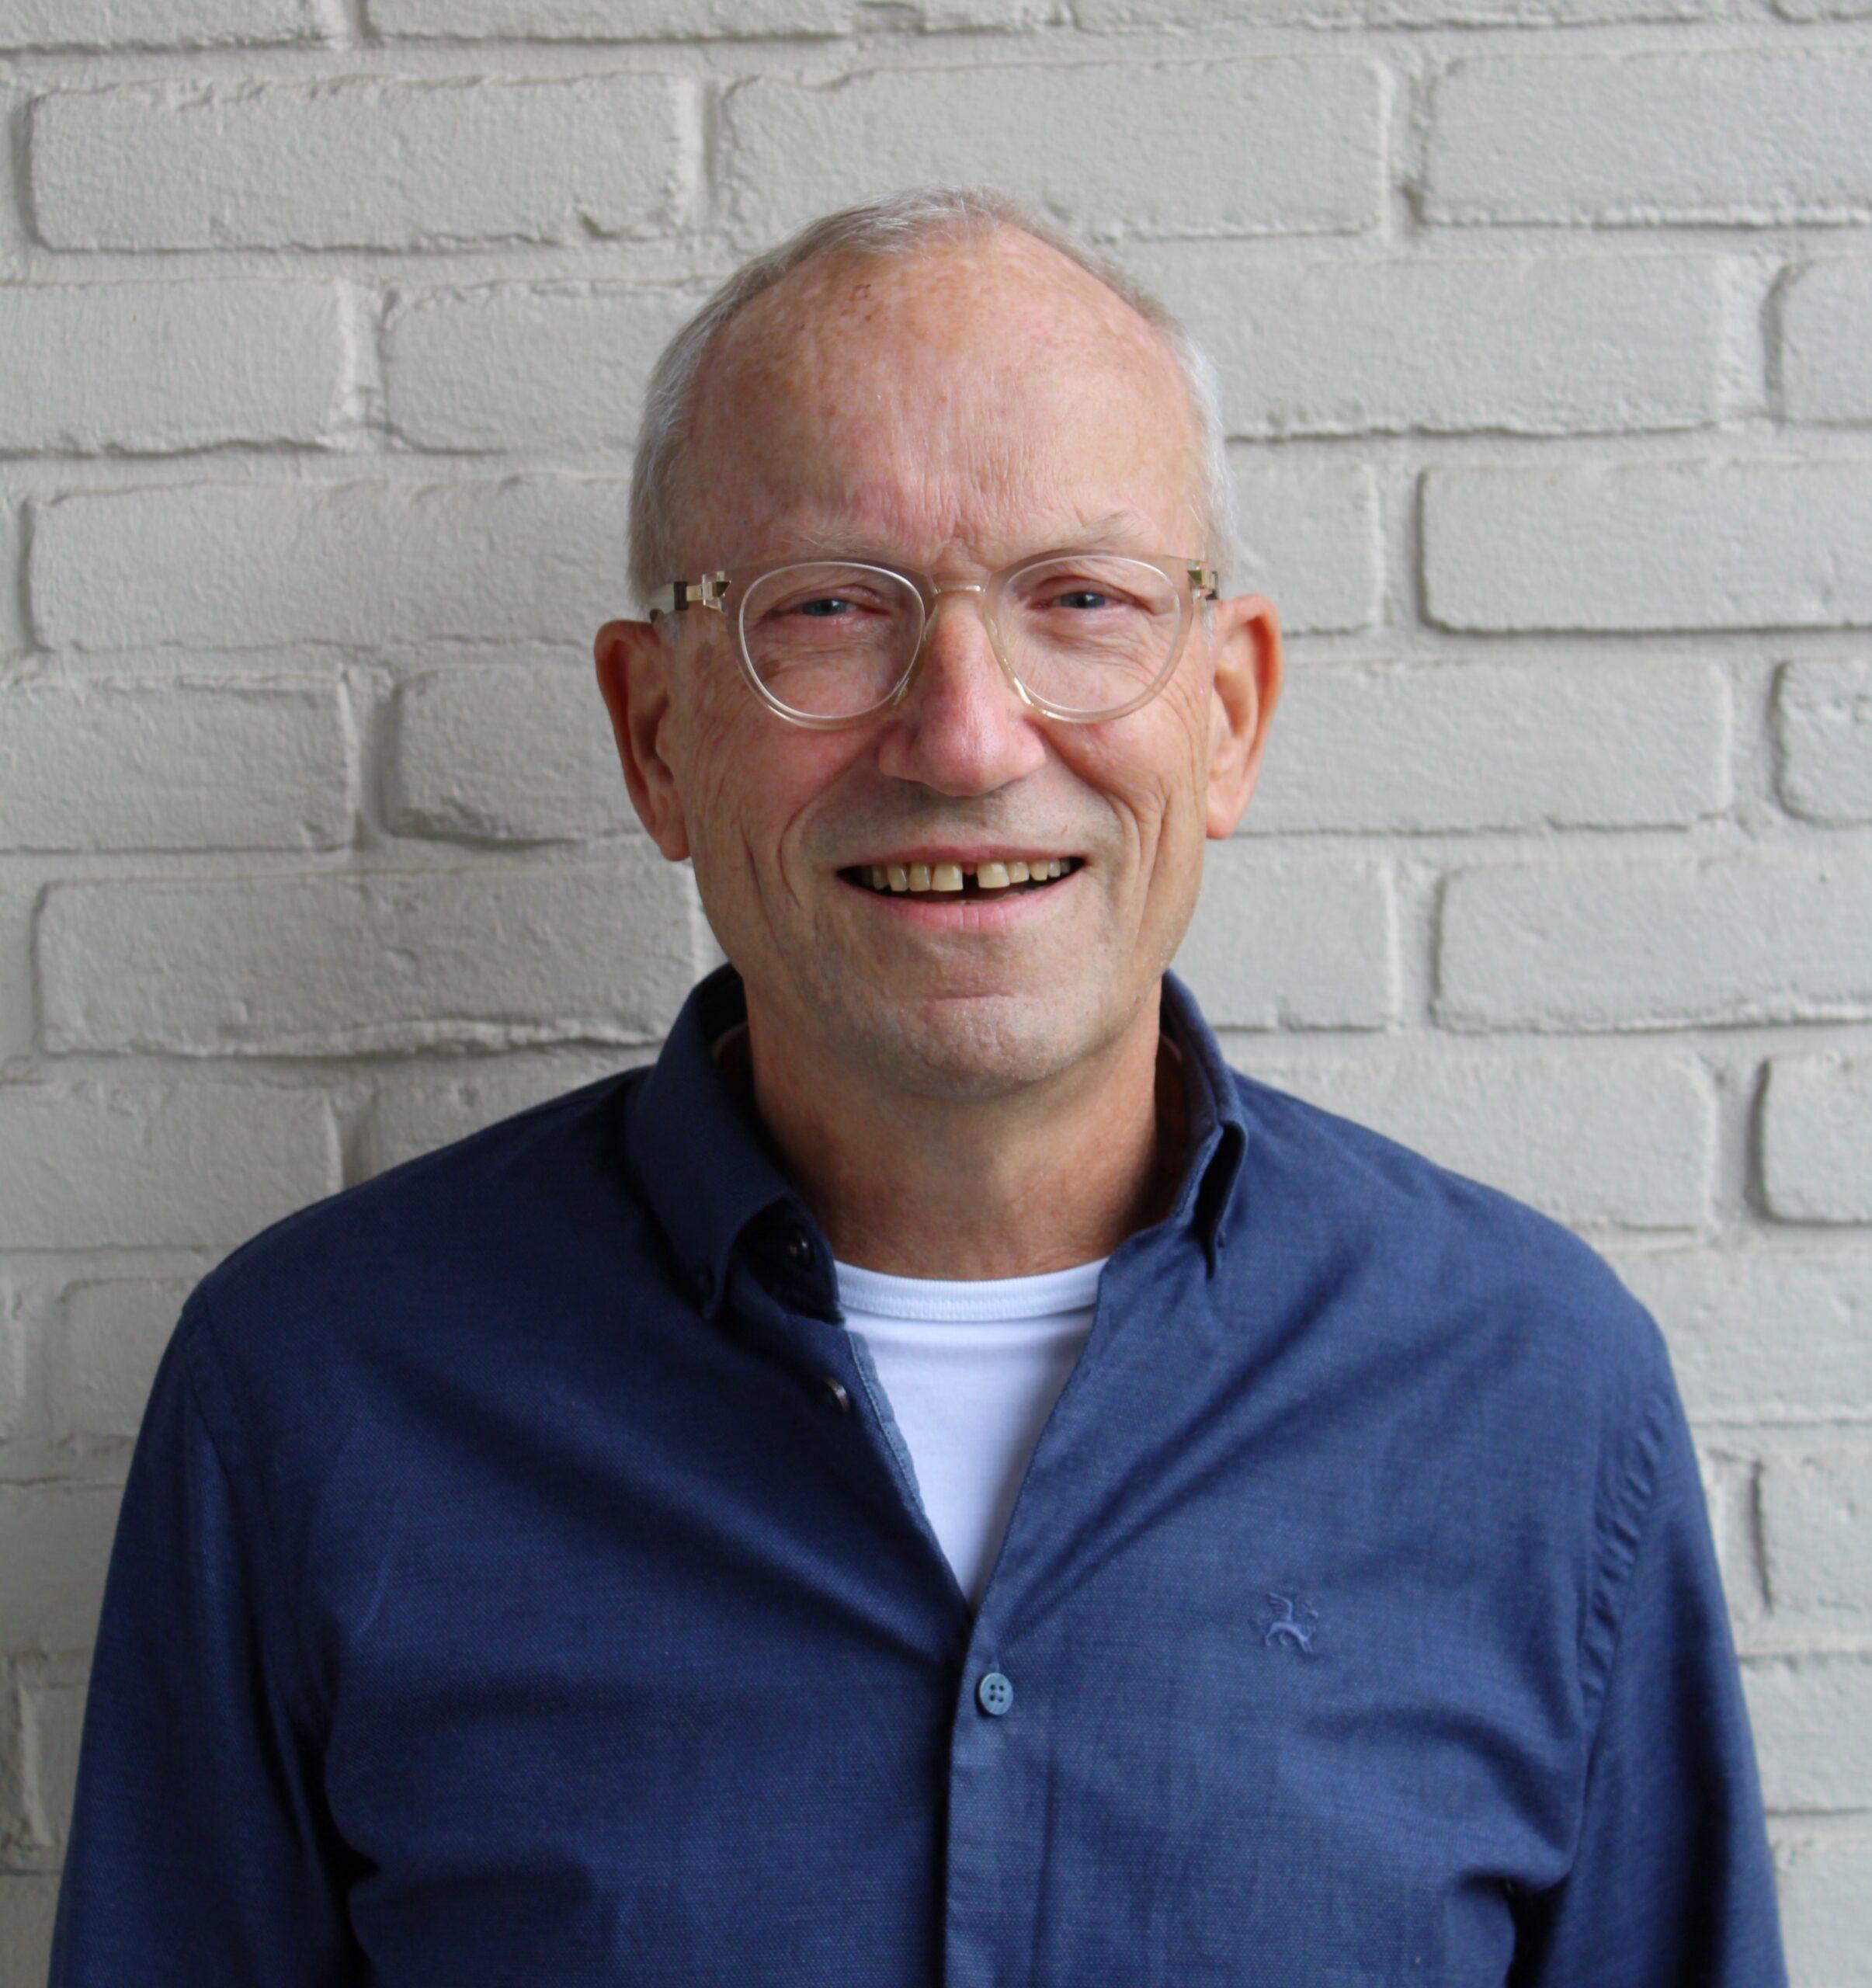 Erwin Dirkse van den Heuvel